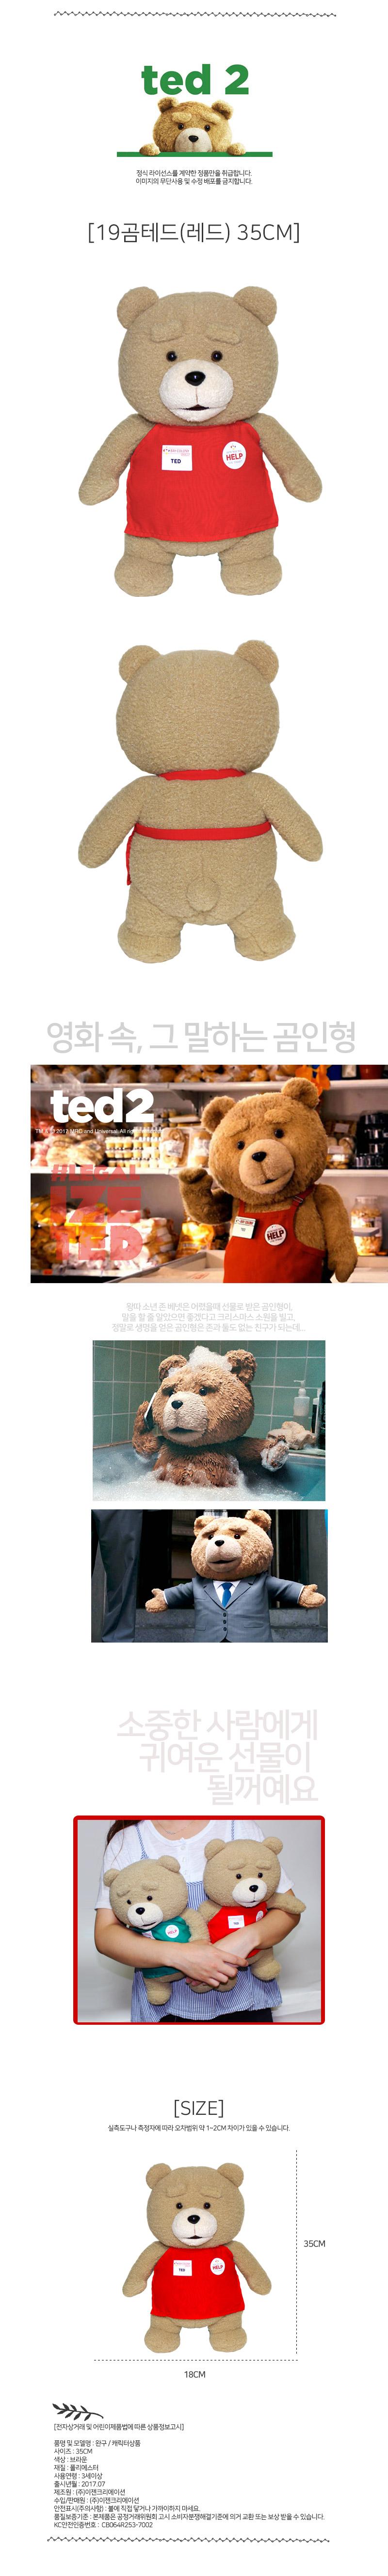 TED2 영화 속 테드 곰인형 선물 35CM 레드18,000원-이젠돌스키덜트/취미, 패브릭인형, 캐릭터인형, 기타 캐릭터 인형바보사랑TED2 영화 속 테드 곰인형 선물 35CM 레드18,000원-이젠돌스키덜트/취미, 패브릭인형, 캐릭터인형, 기타 캐릭터 인형바보사랑